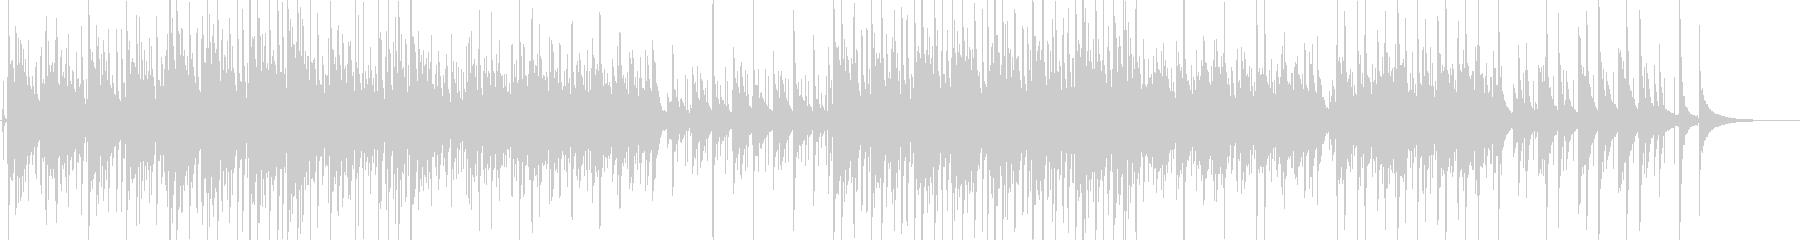 ゆったりしたアコースティックギターソングの未再生の波形